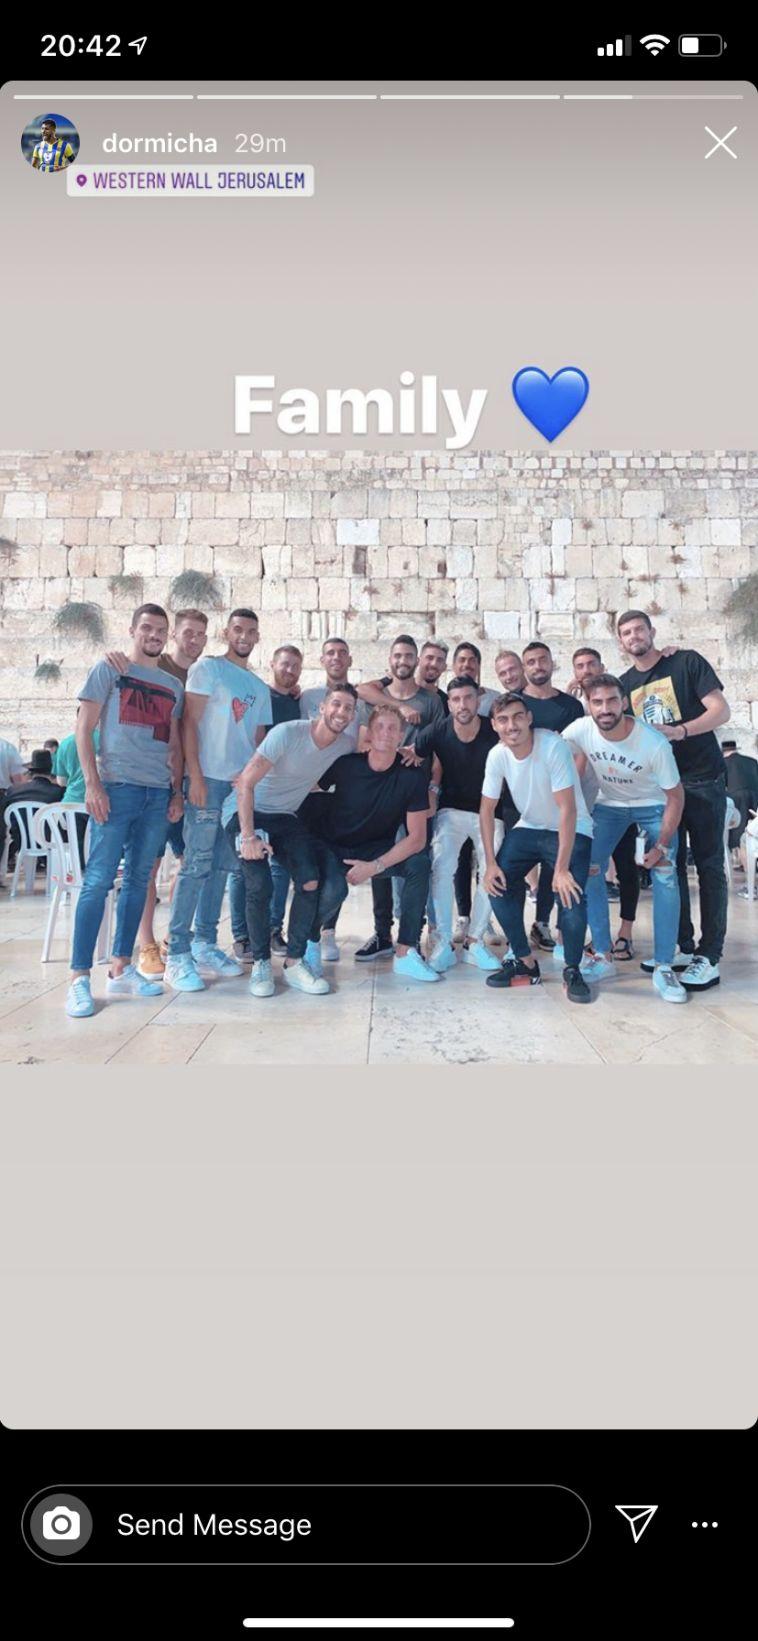 שחקני מכבי תל אביב בביקור בכותל. (אינסטגרם)